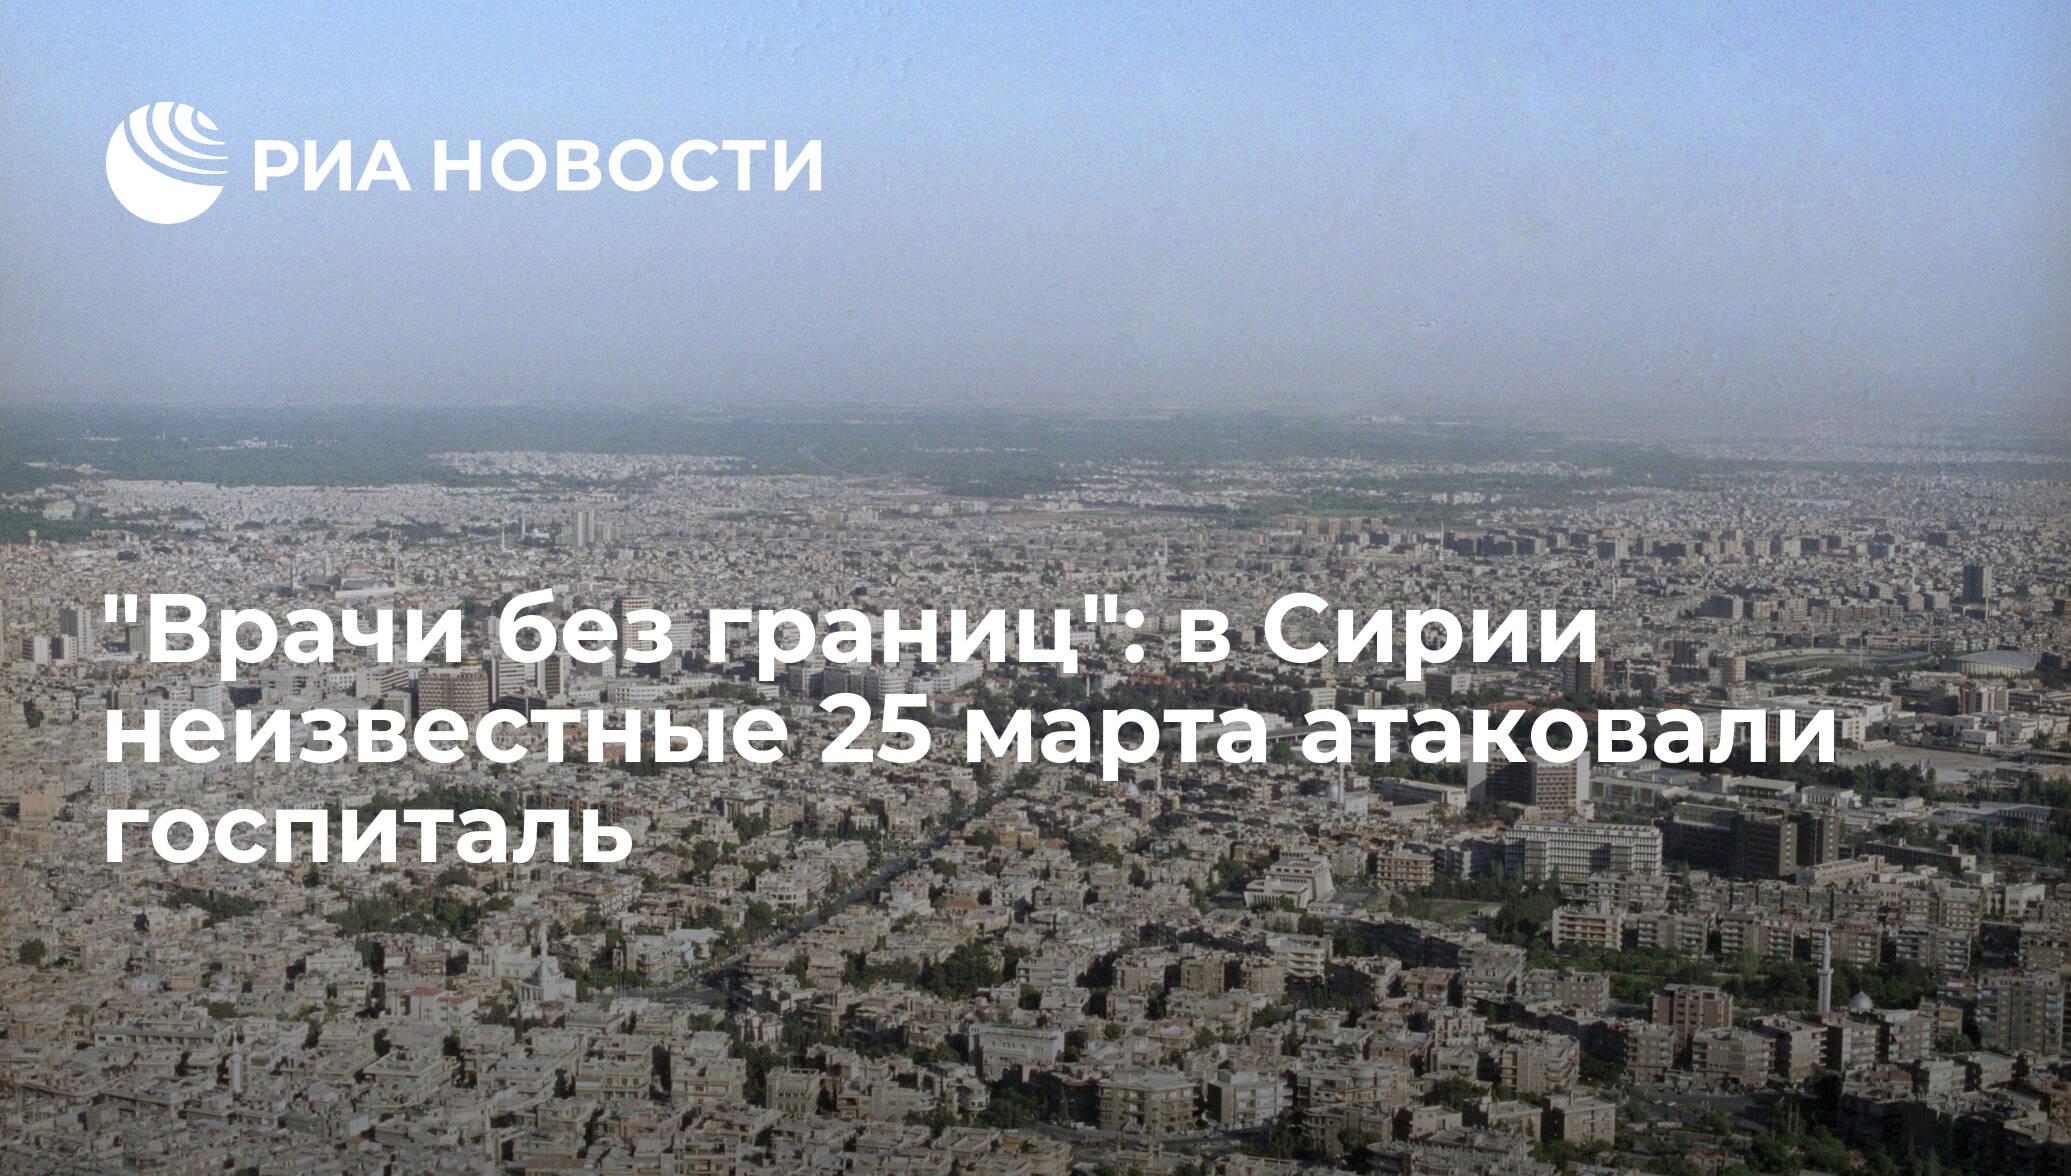 Врачи без границ доклад погибшие сирия 4462